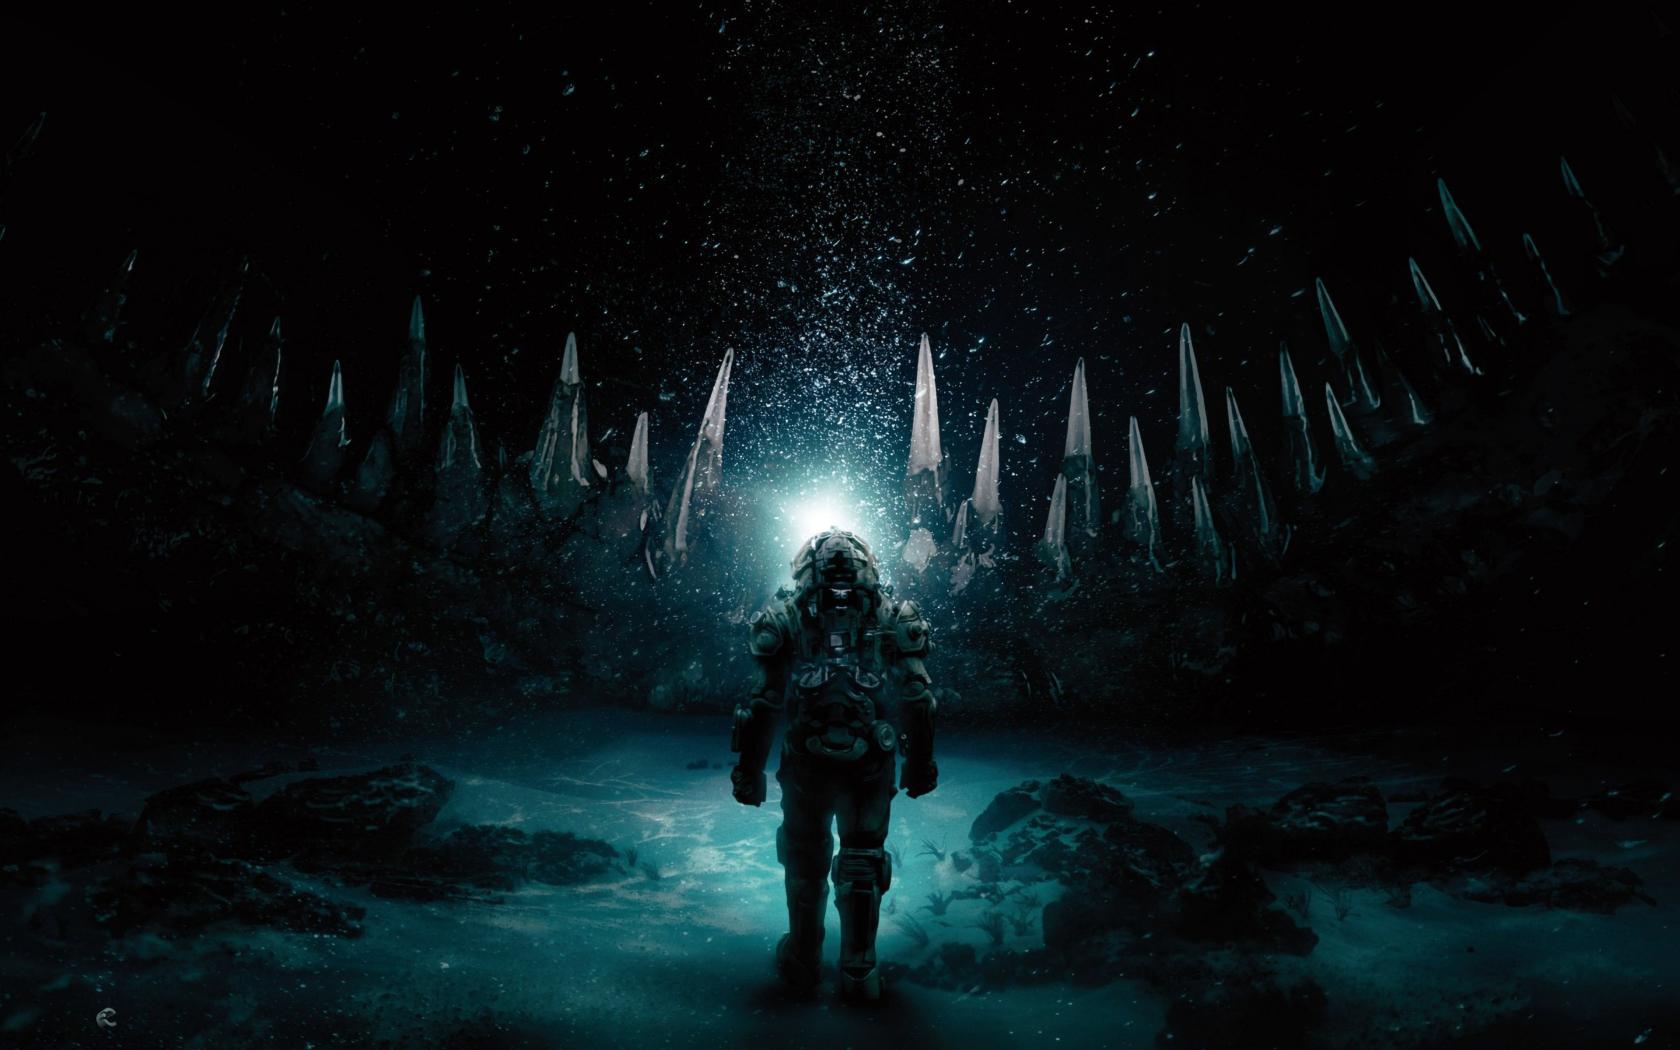 1680x1050 Underwater 2020 Movie 1680x1050 Resolution Wallpaper HD 1680x1050